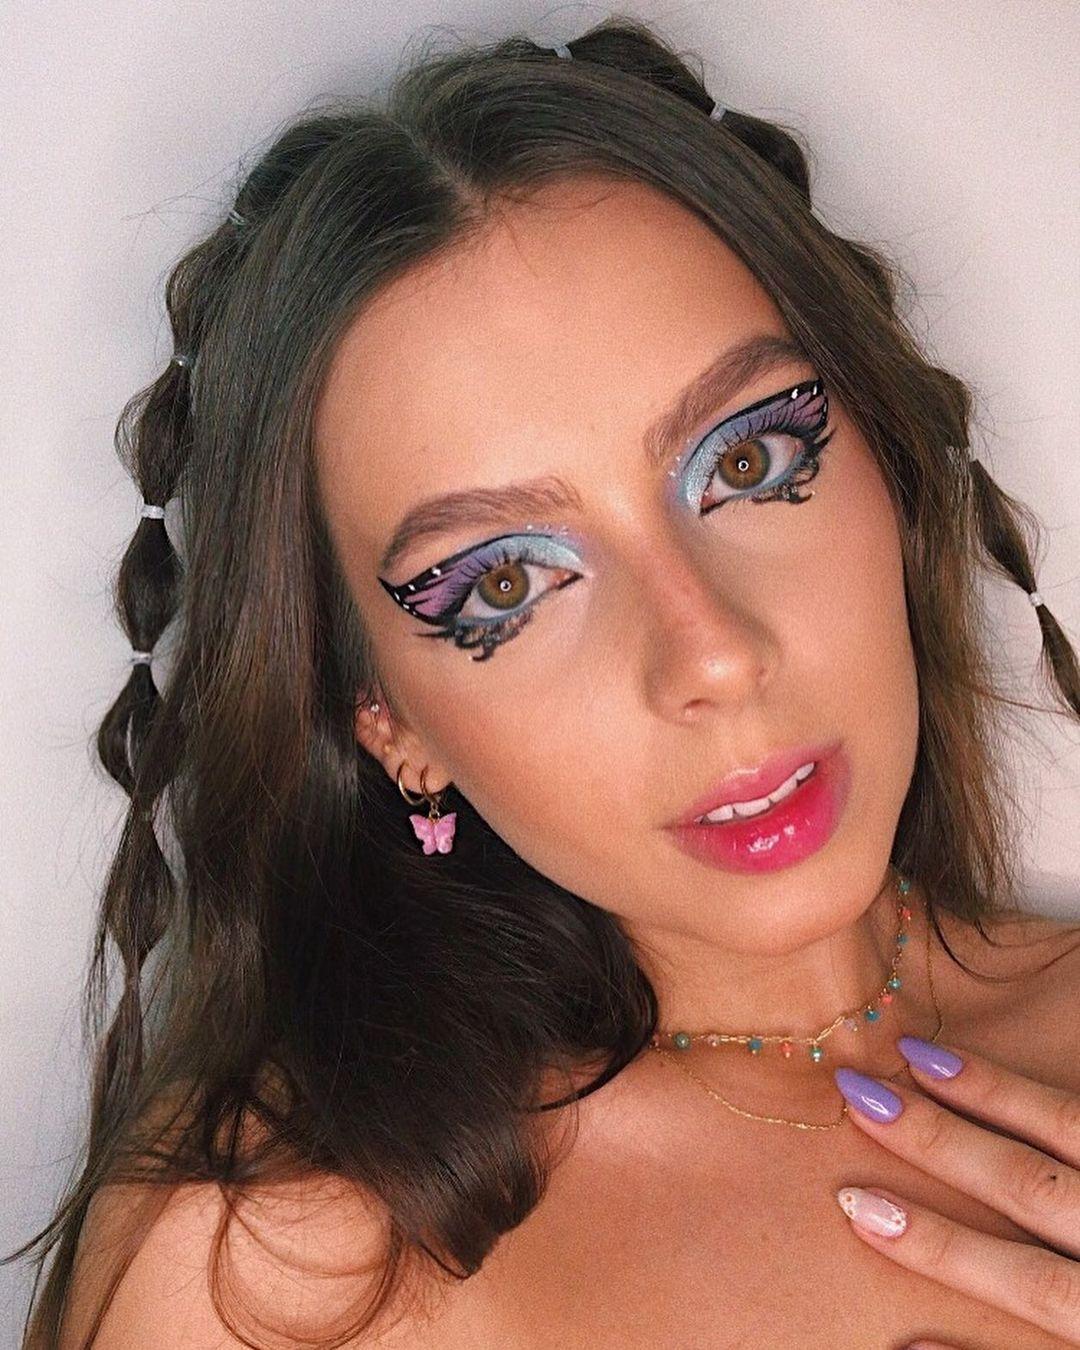 Selfie de uma mulher. Ela usa um colar dourado com pingentes coloridos, maquiagem artística de borboleta e penteado simples no estilo bolha. Ela olha para a foto mas não sorri.